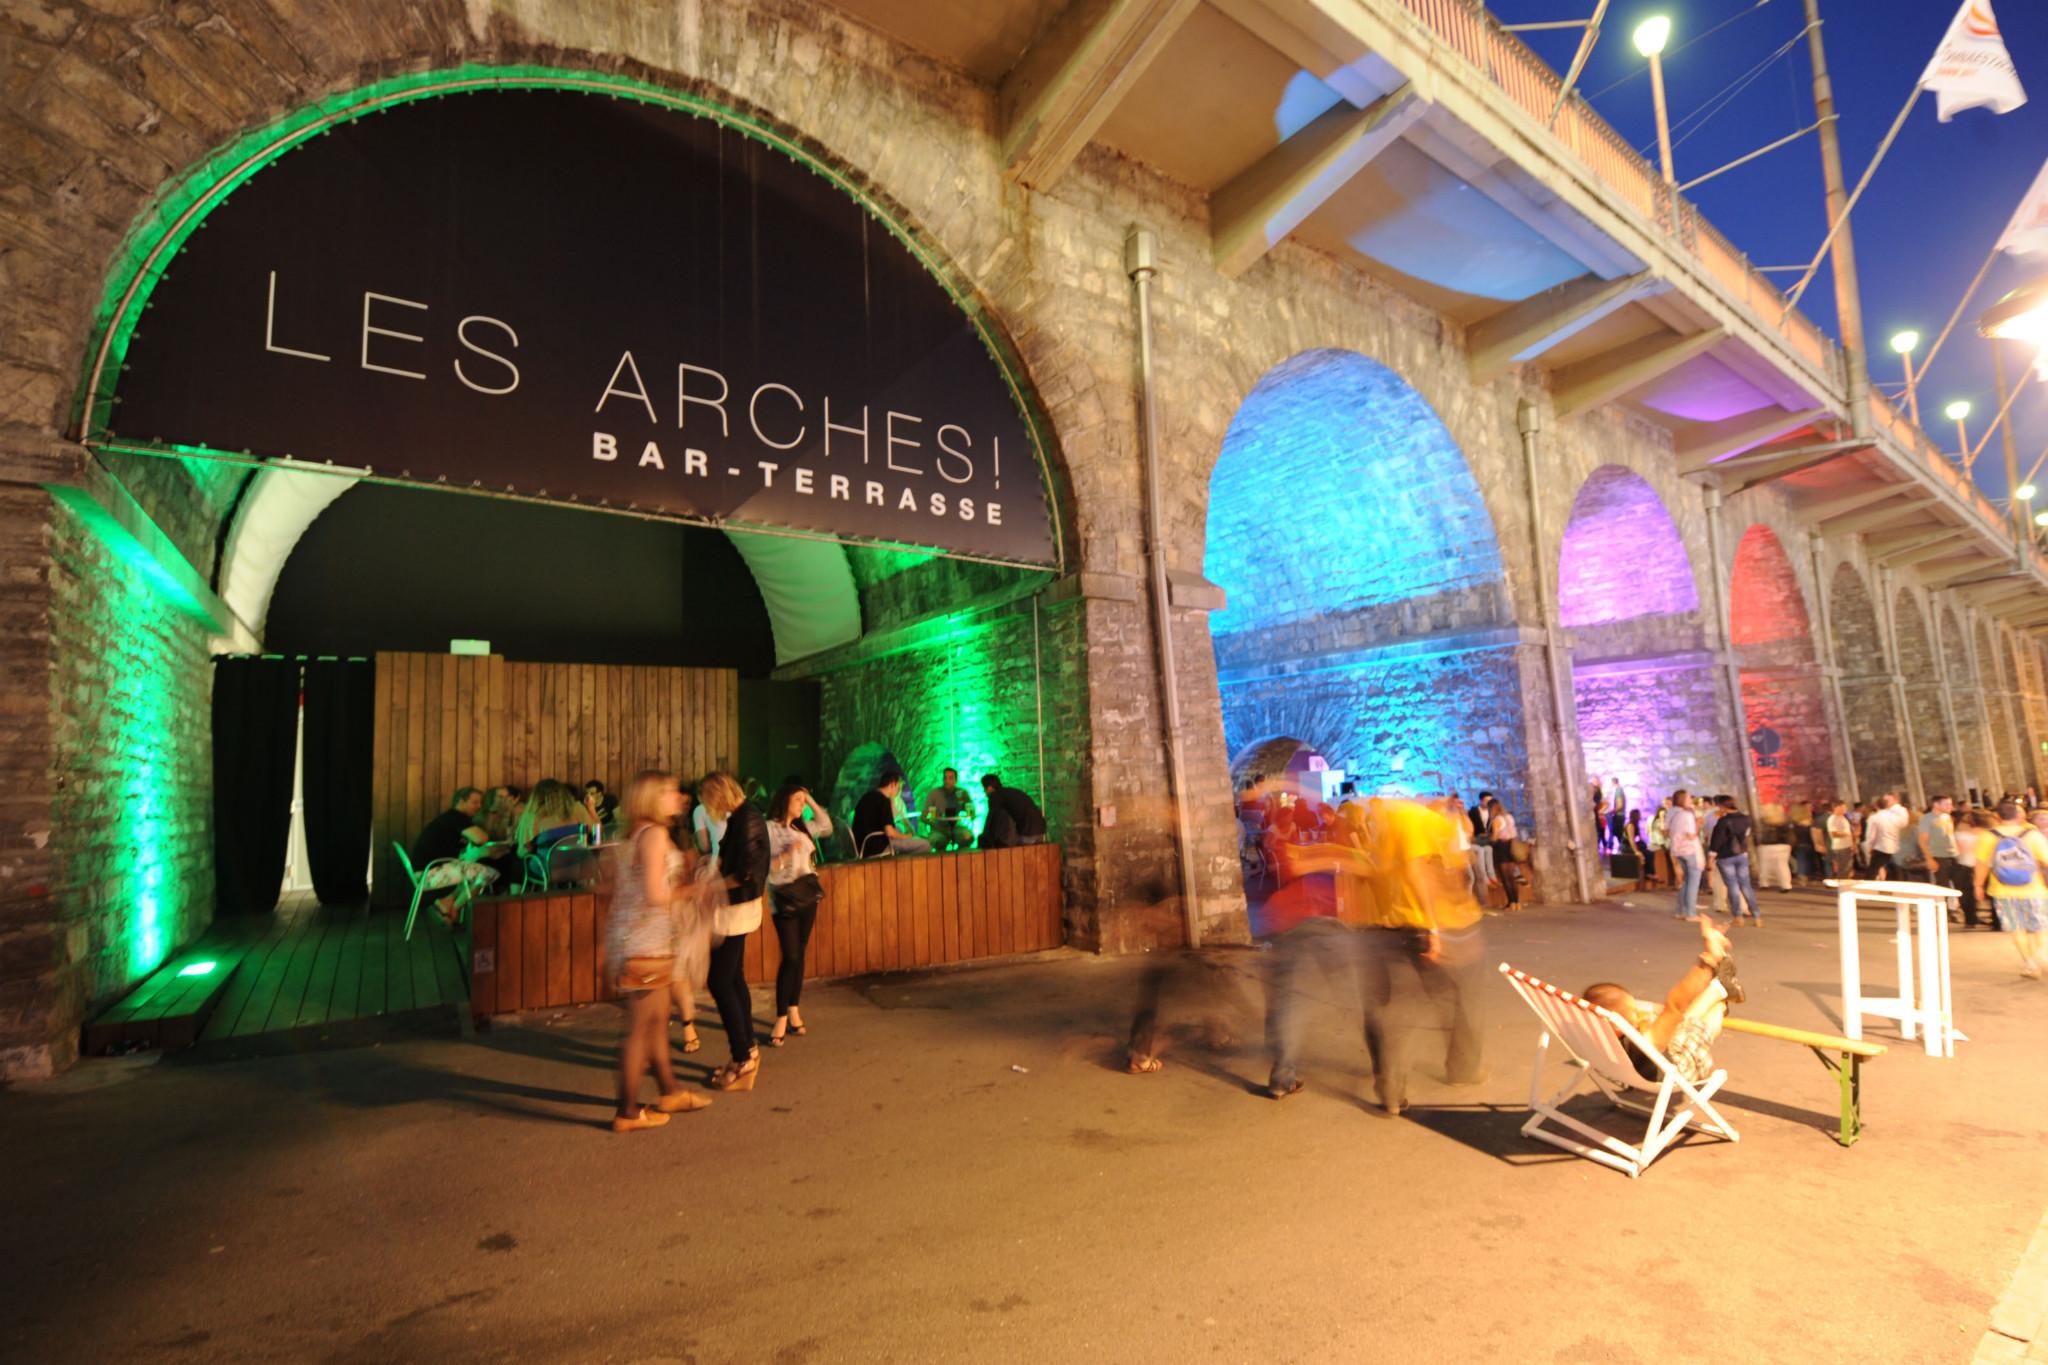 Lausanne, les arches